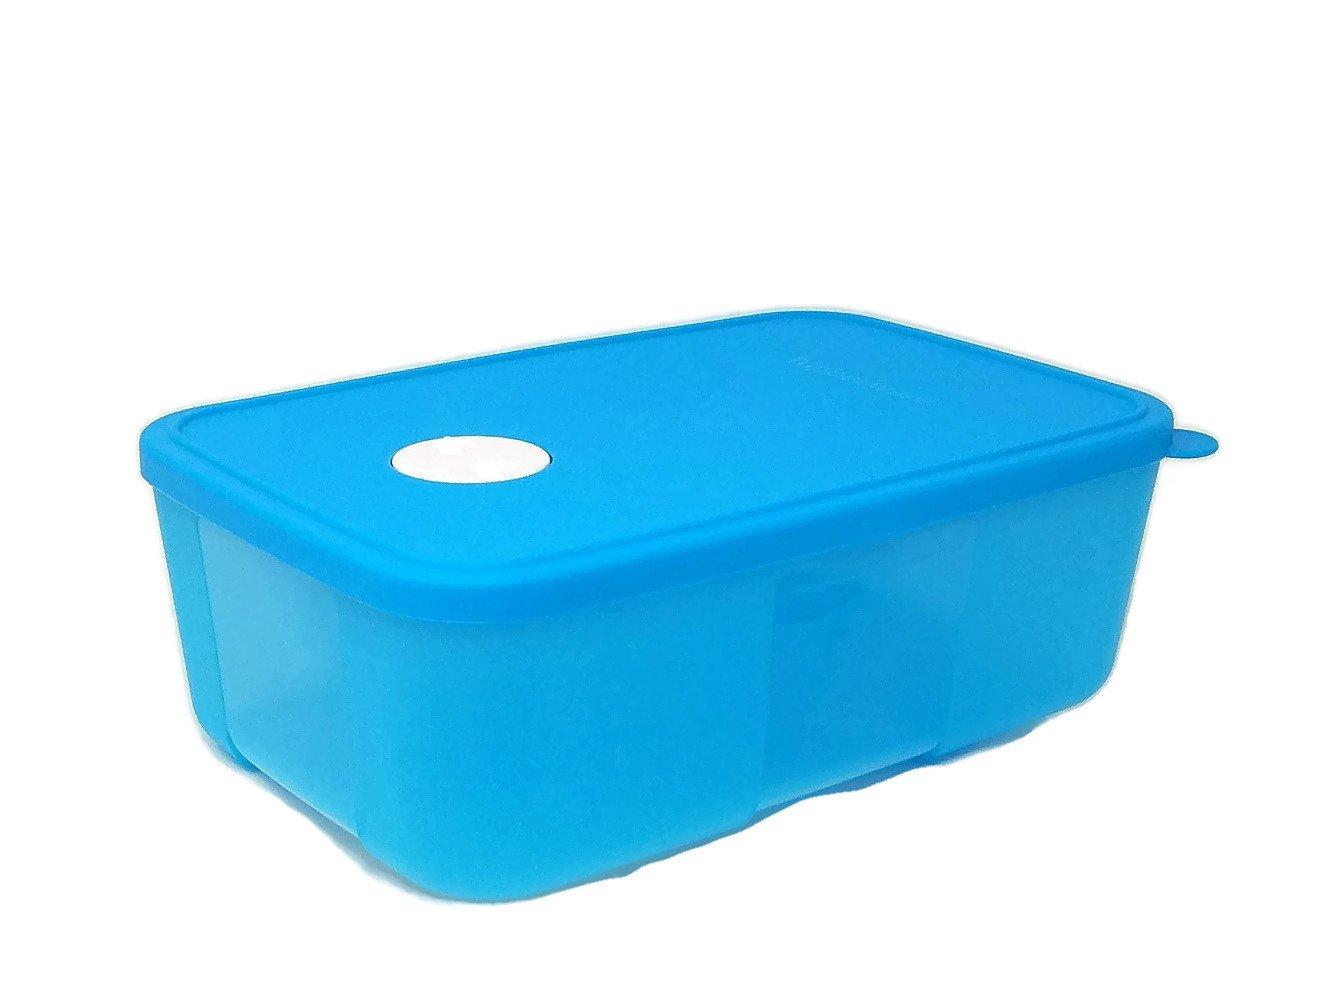 Tupperware freezesmart congelador recipiente tamaño mediano de ...